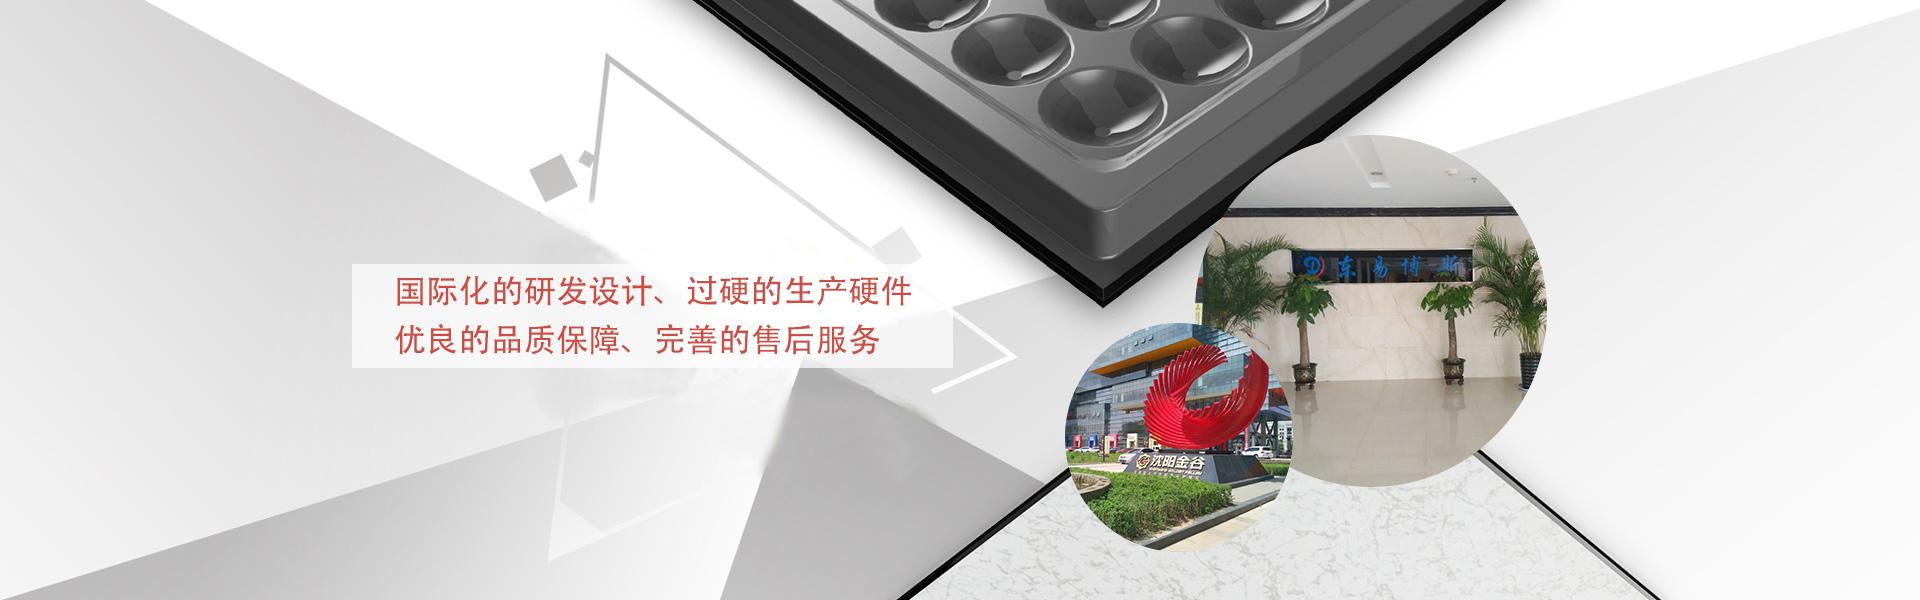 辽宁防静电地板品牌